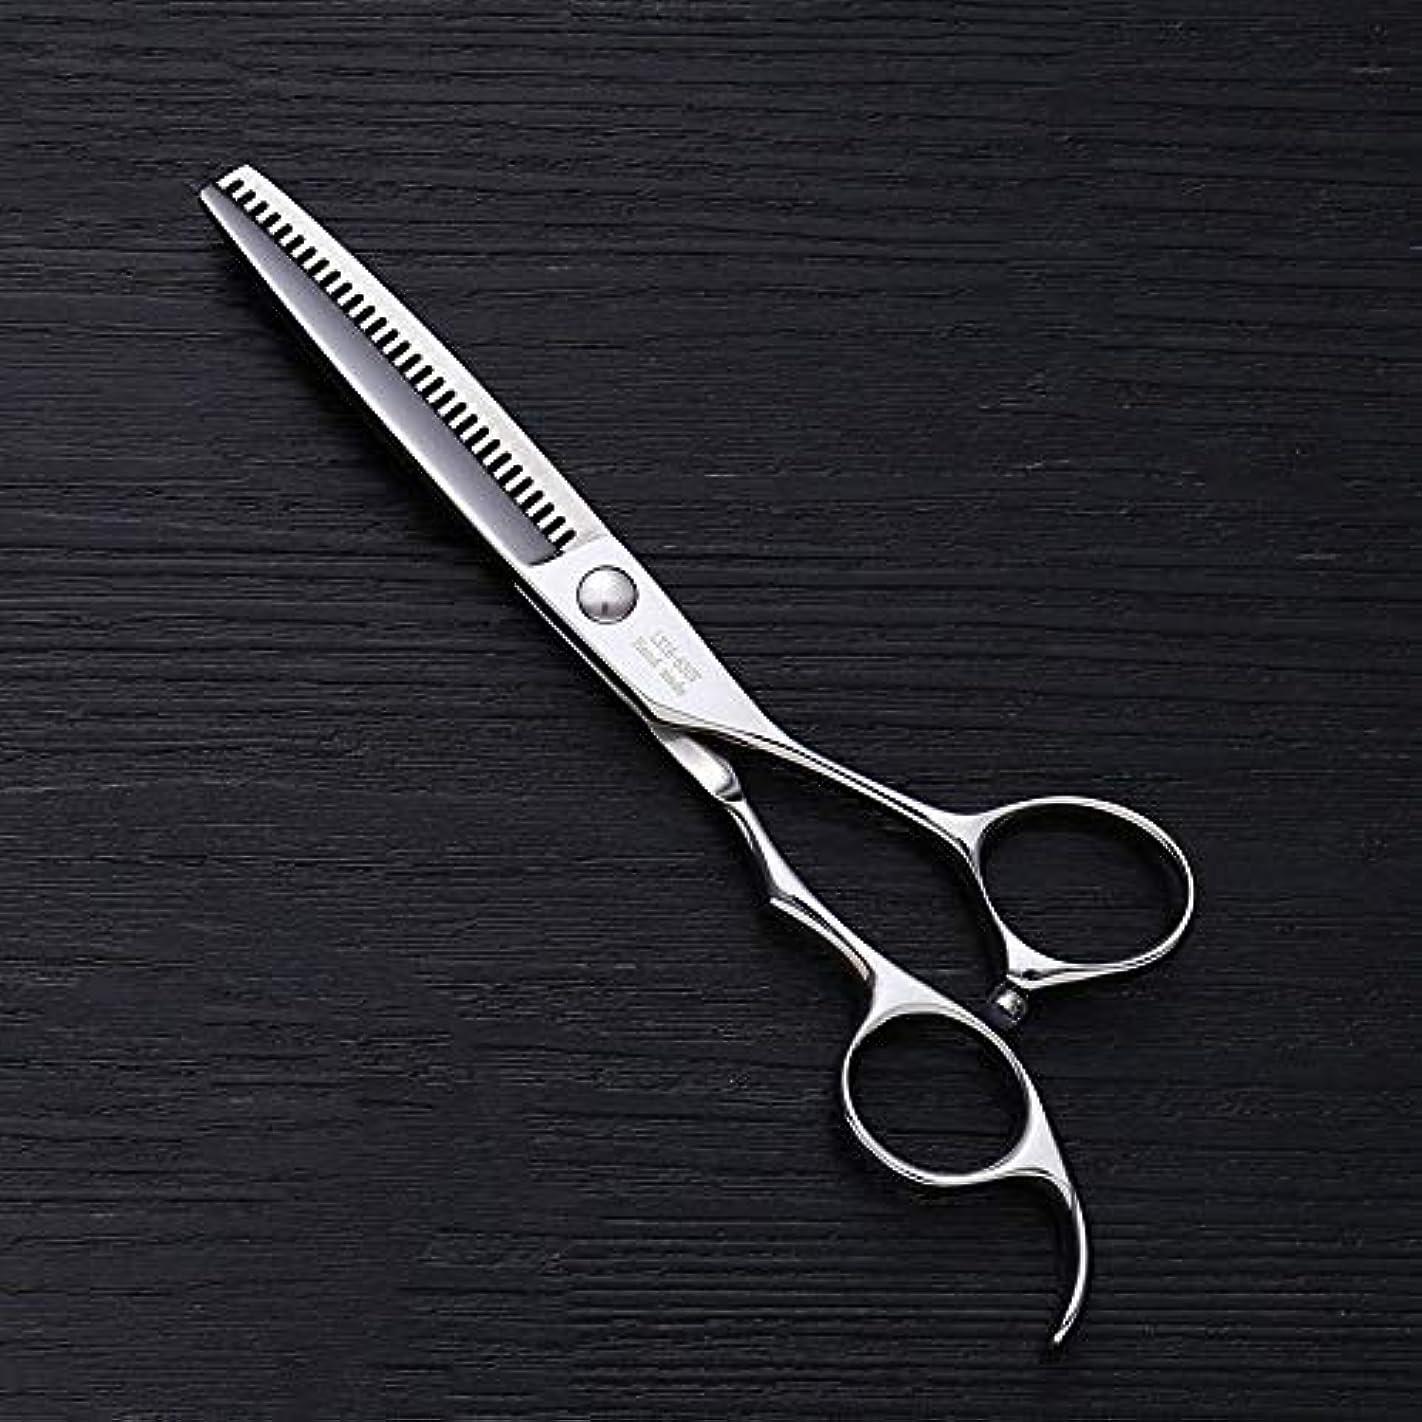 ビジュアル雄弁家ギャラリー6インチの美容院のステンレス鋼の専門のバリカン、30本の歯の魚の骨は専門の薄いせん断を切りました モデリングツール (色 : Silver)